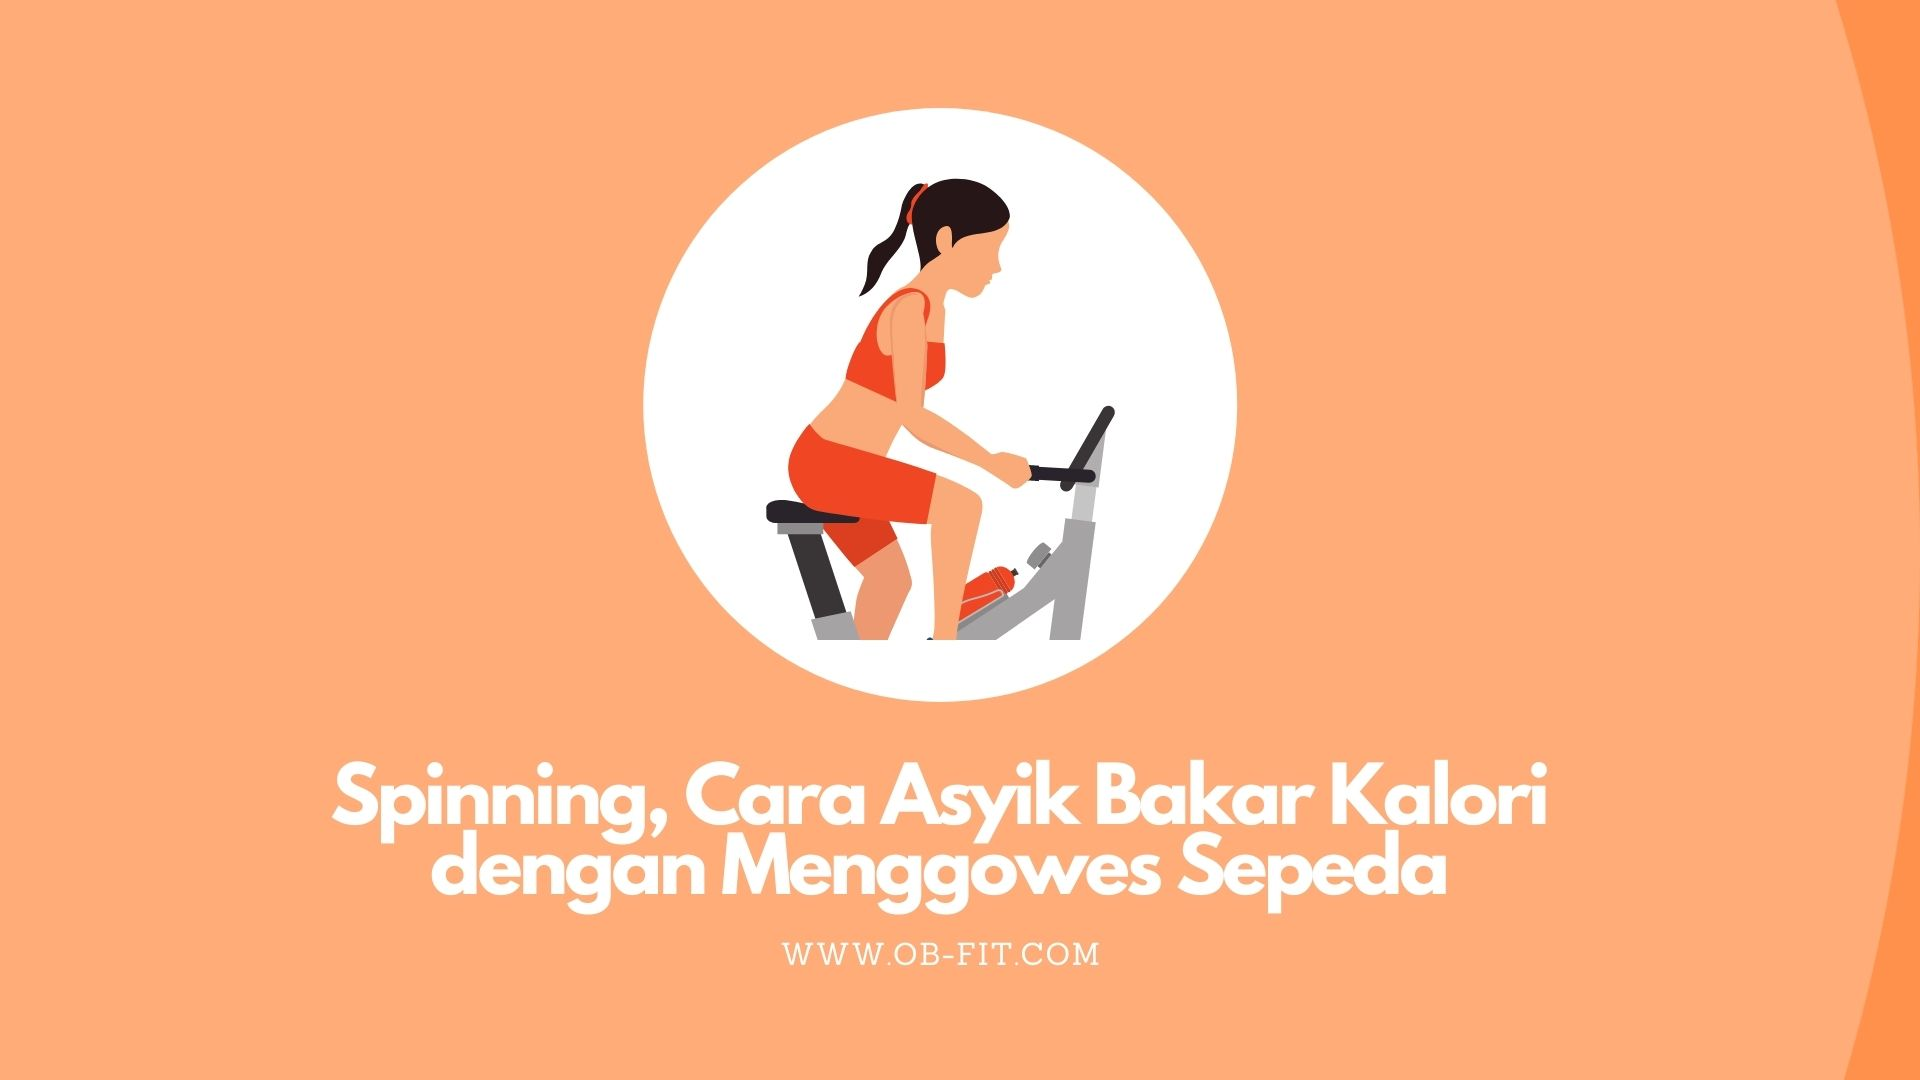 Spinning, Cara Asyik Bakar Kalori Serta Manfaatnya